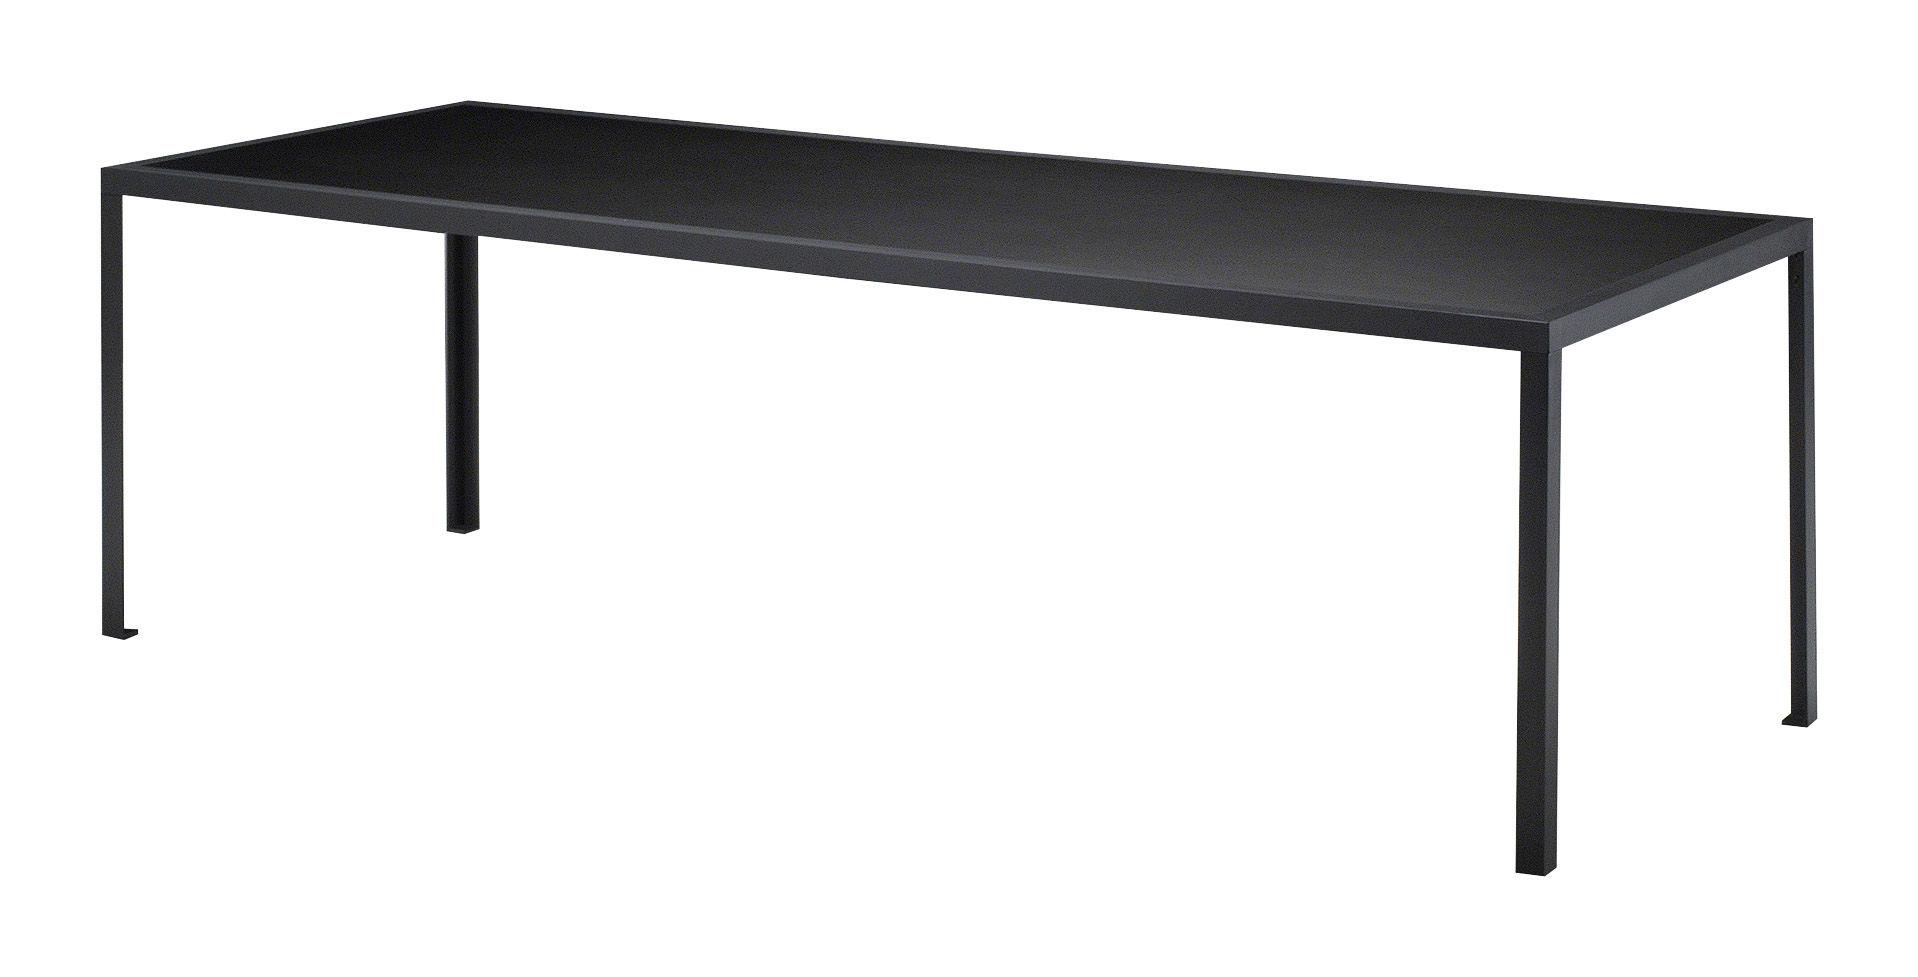 scopri tavolo tavolo black rettangolare l 200 cm nero